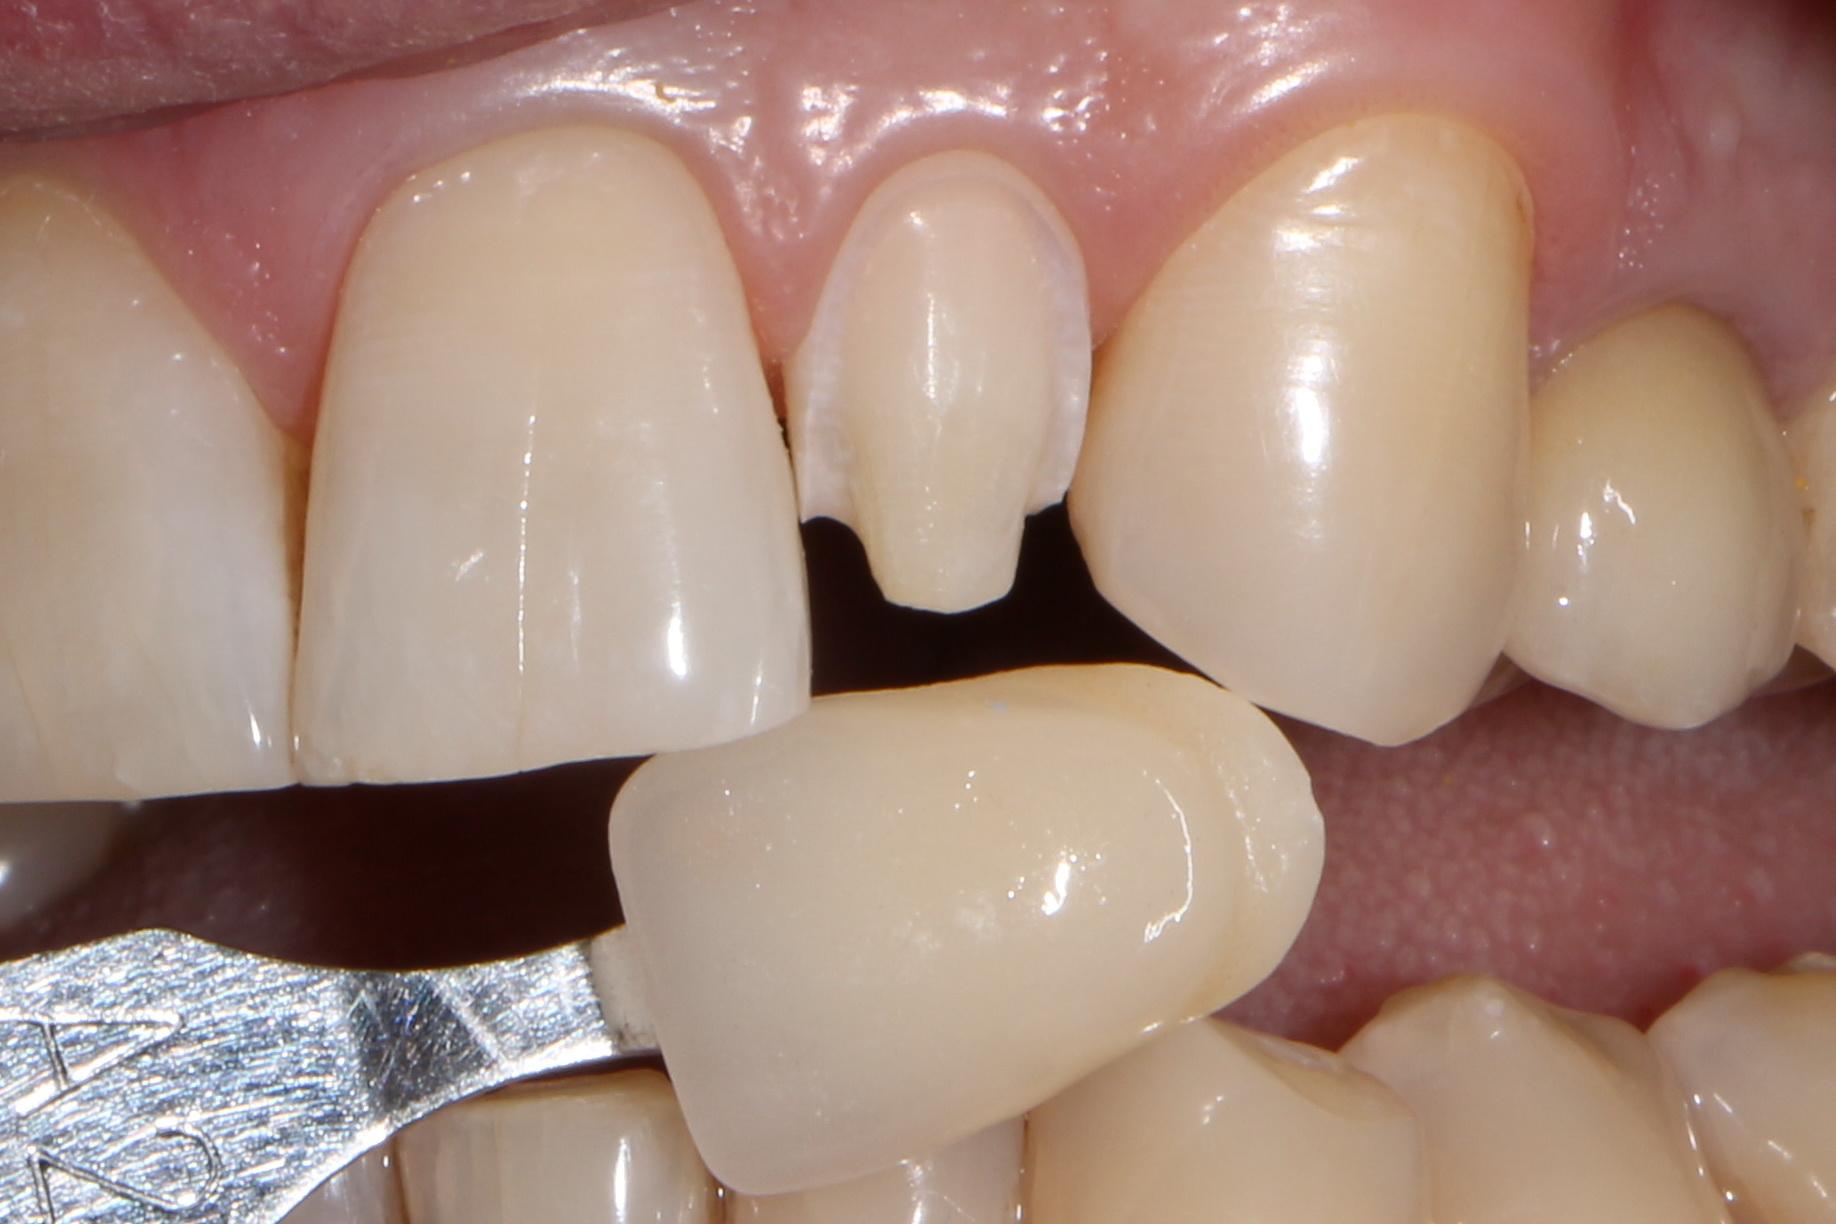 накладные виниры perfect smile veneers на зубы